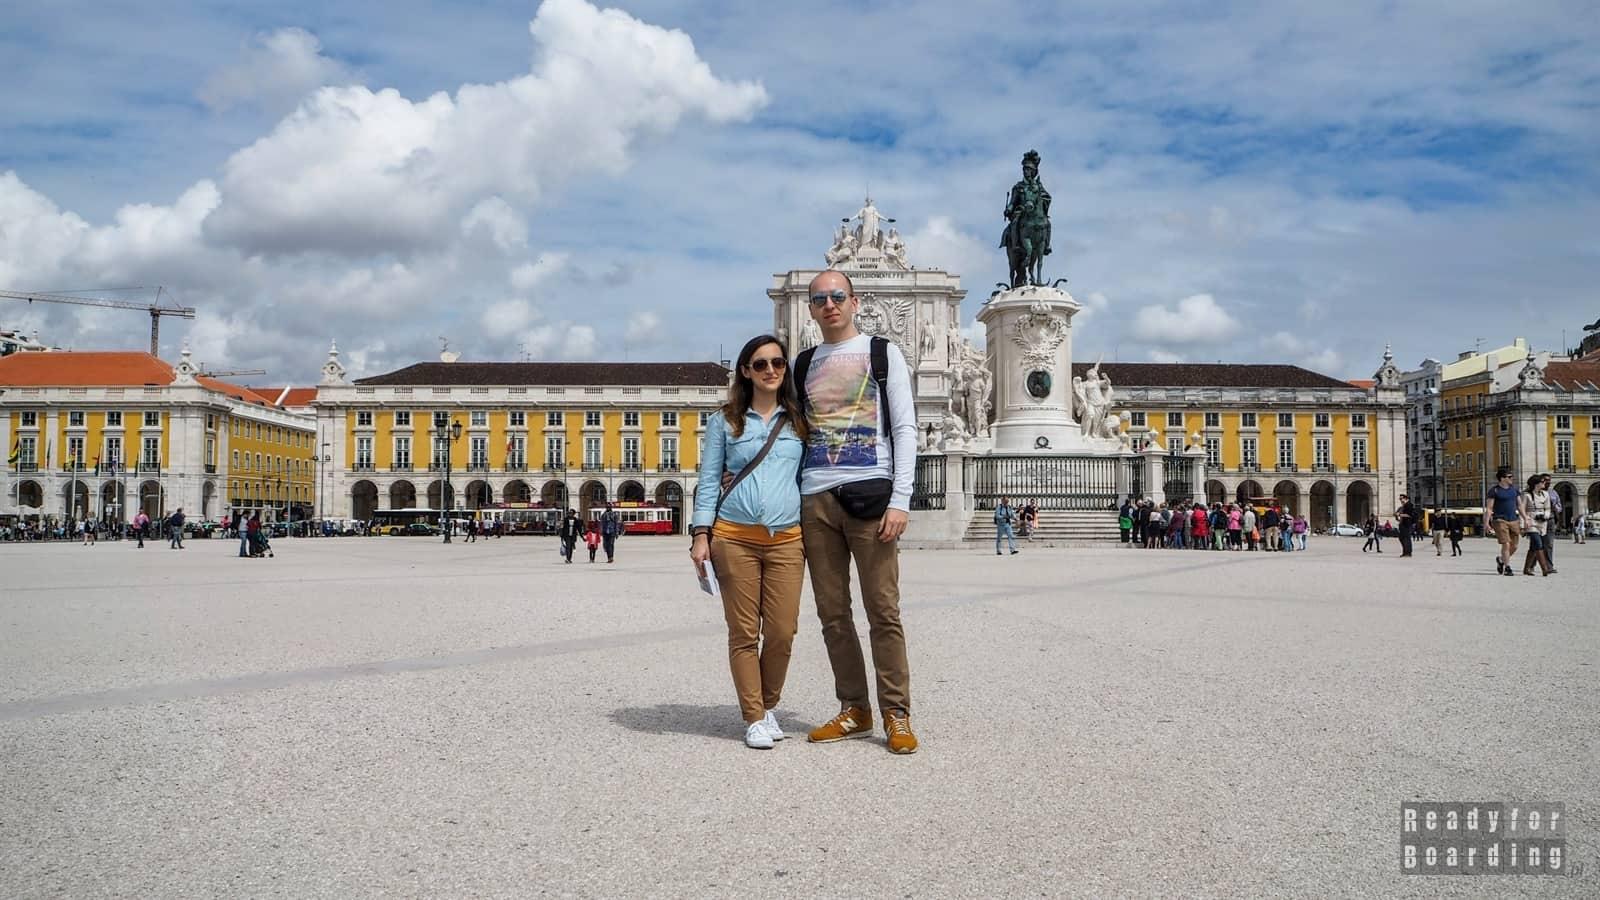 Podróżowanie w ciąży - Lizbona, Portugalia